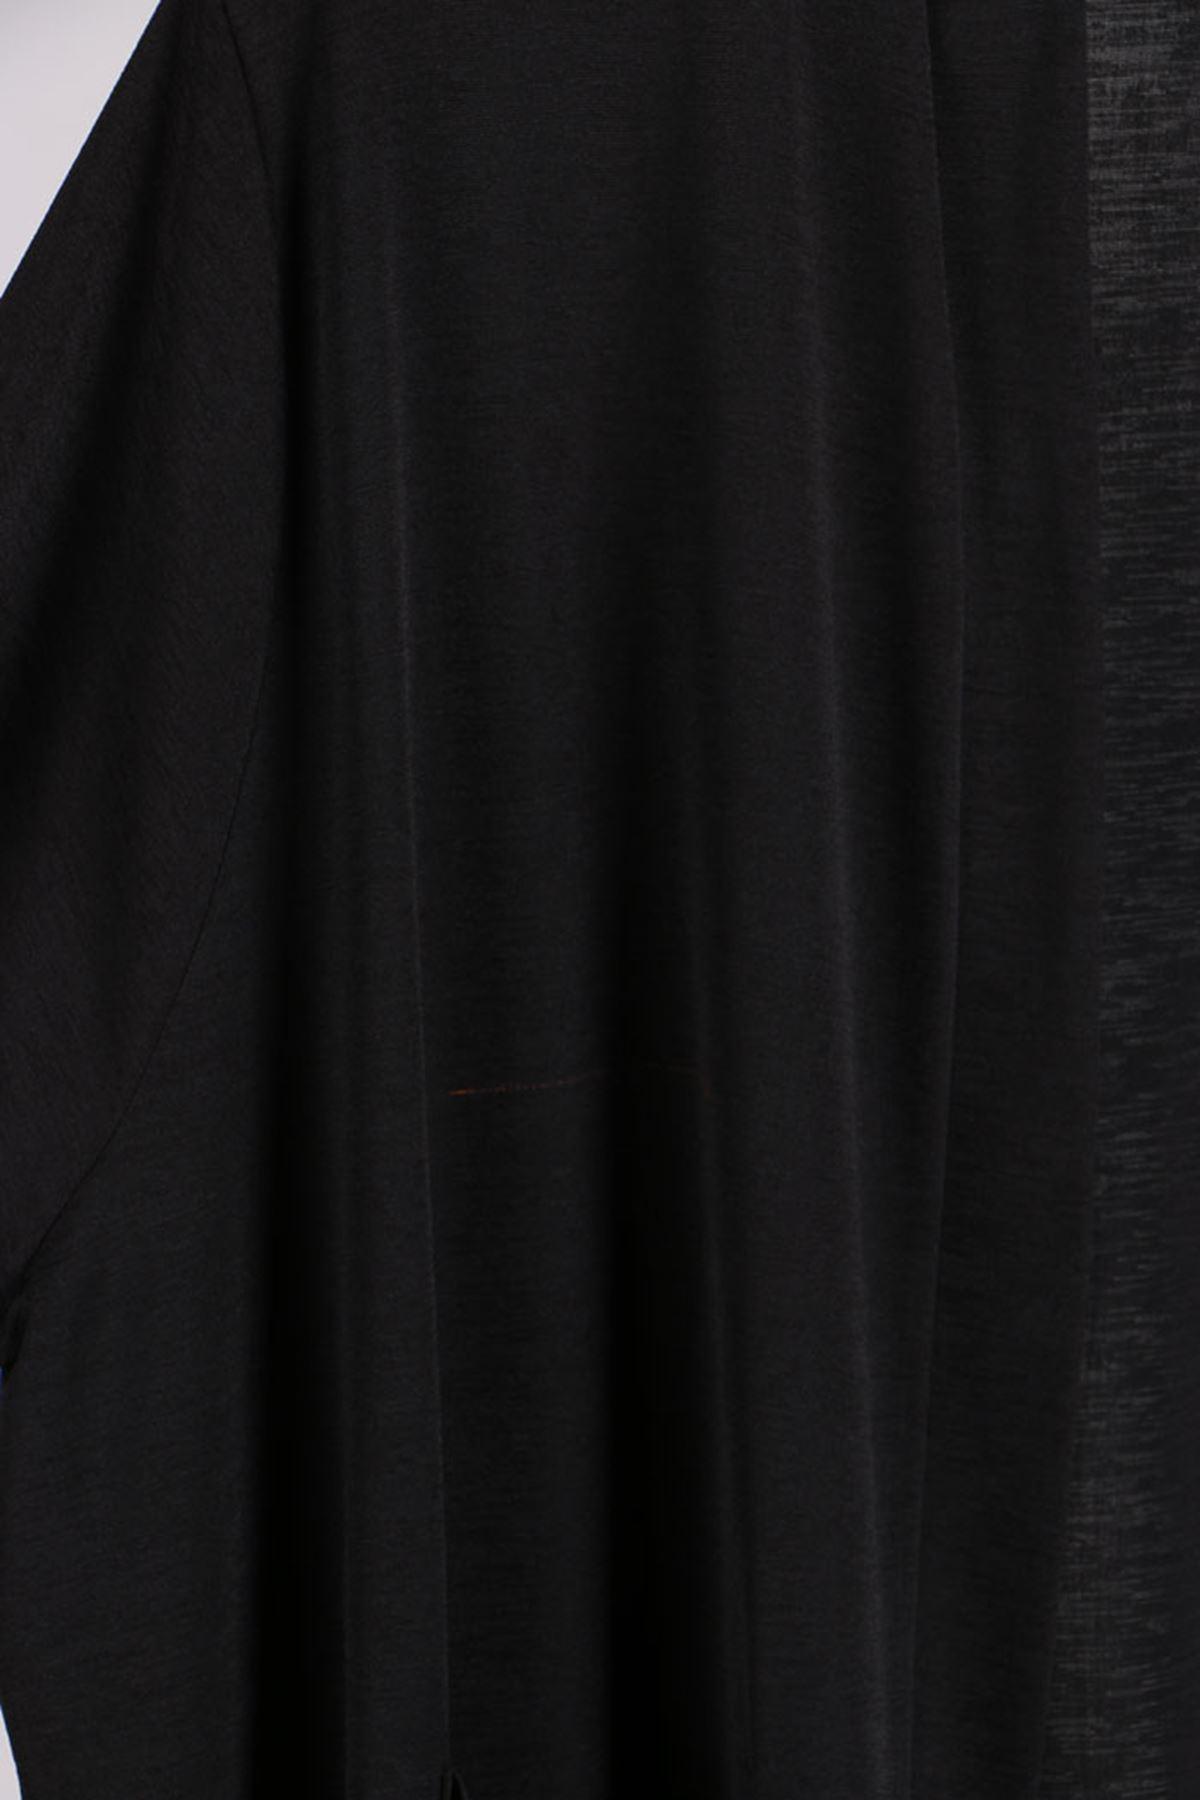 D-37314 Büyük Beden Defolu Mina Krep Ceket- Siyah